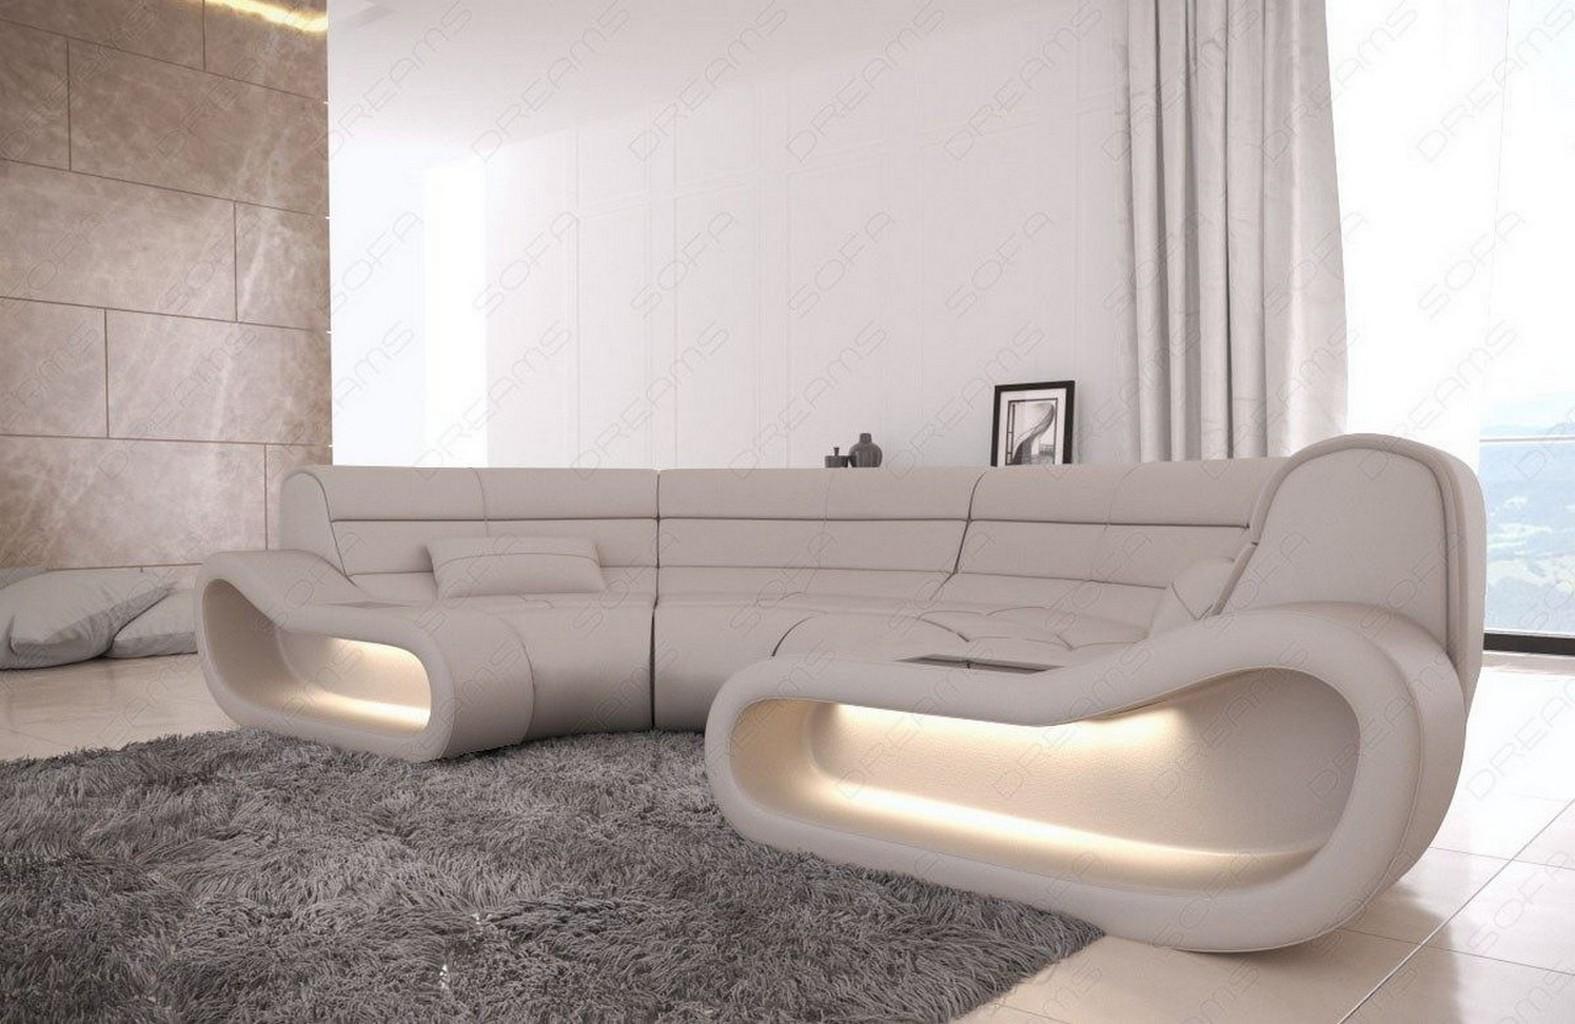 ecksofa megacouch leder big sofa concept u form wohnzimmer. Black Bedroom Furniture Sets. Home Design Ideas